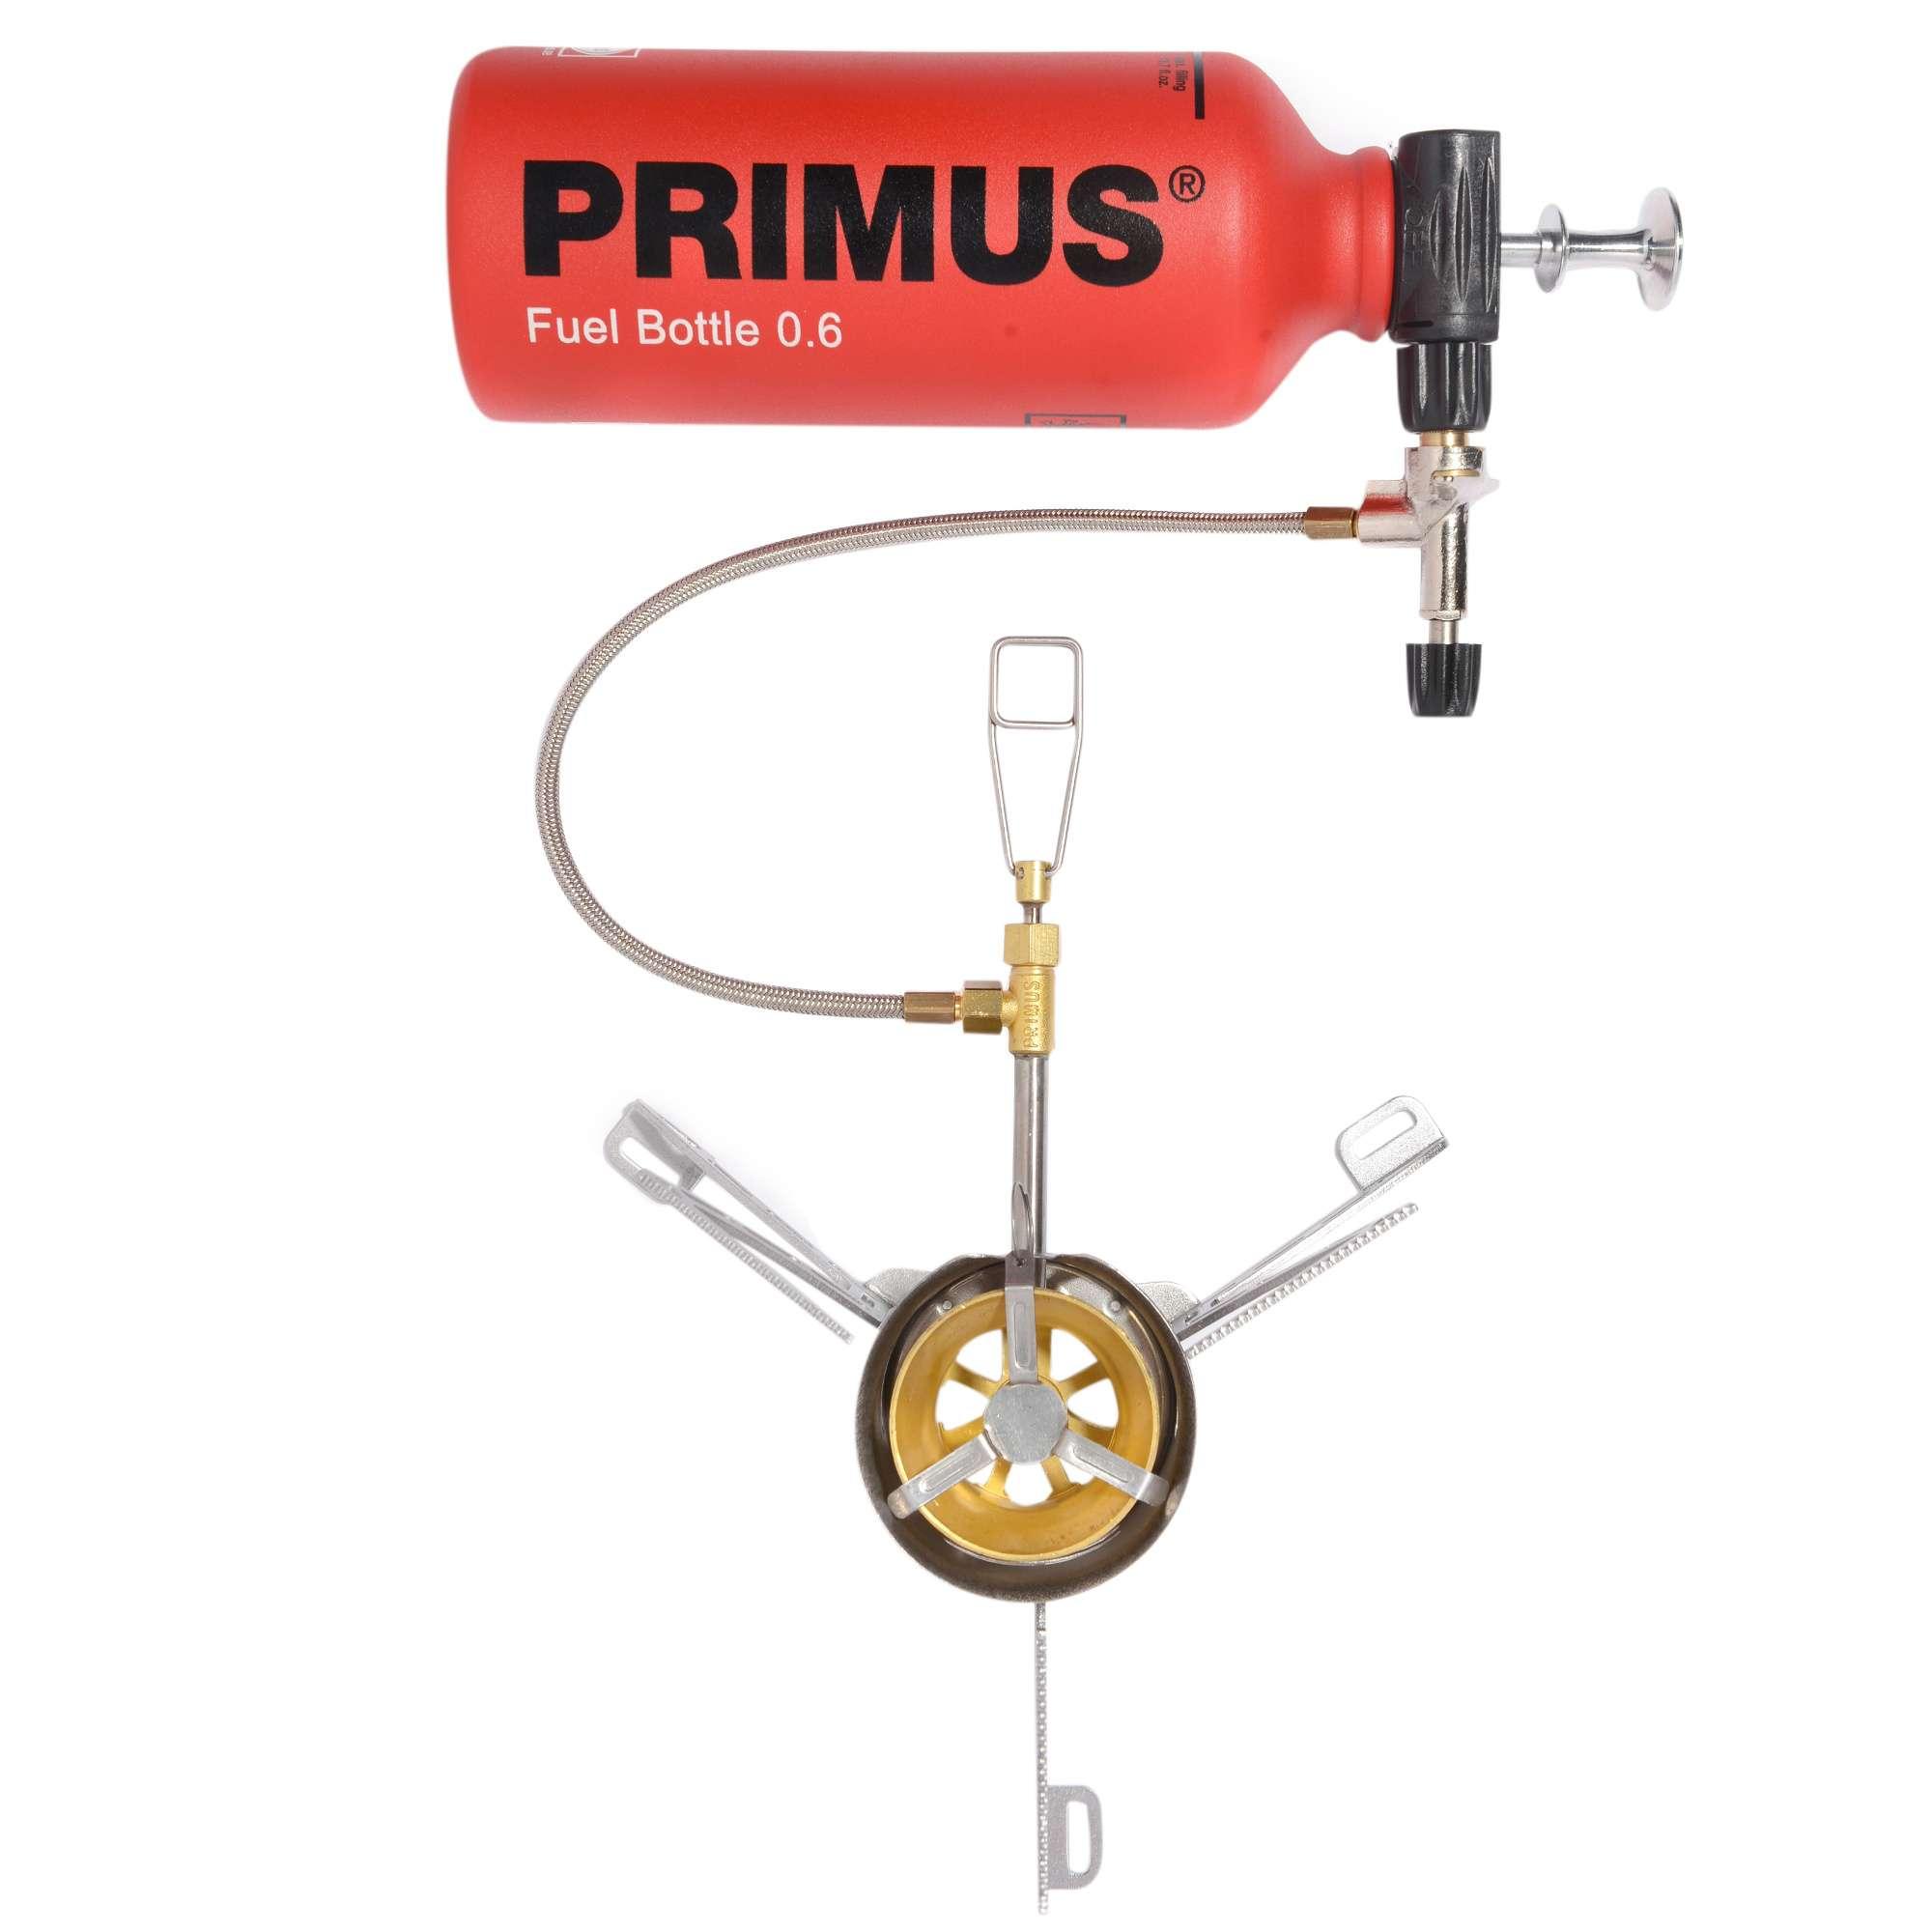 PRIMUS OmniFuel Stove (1-4 person)